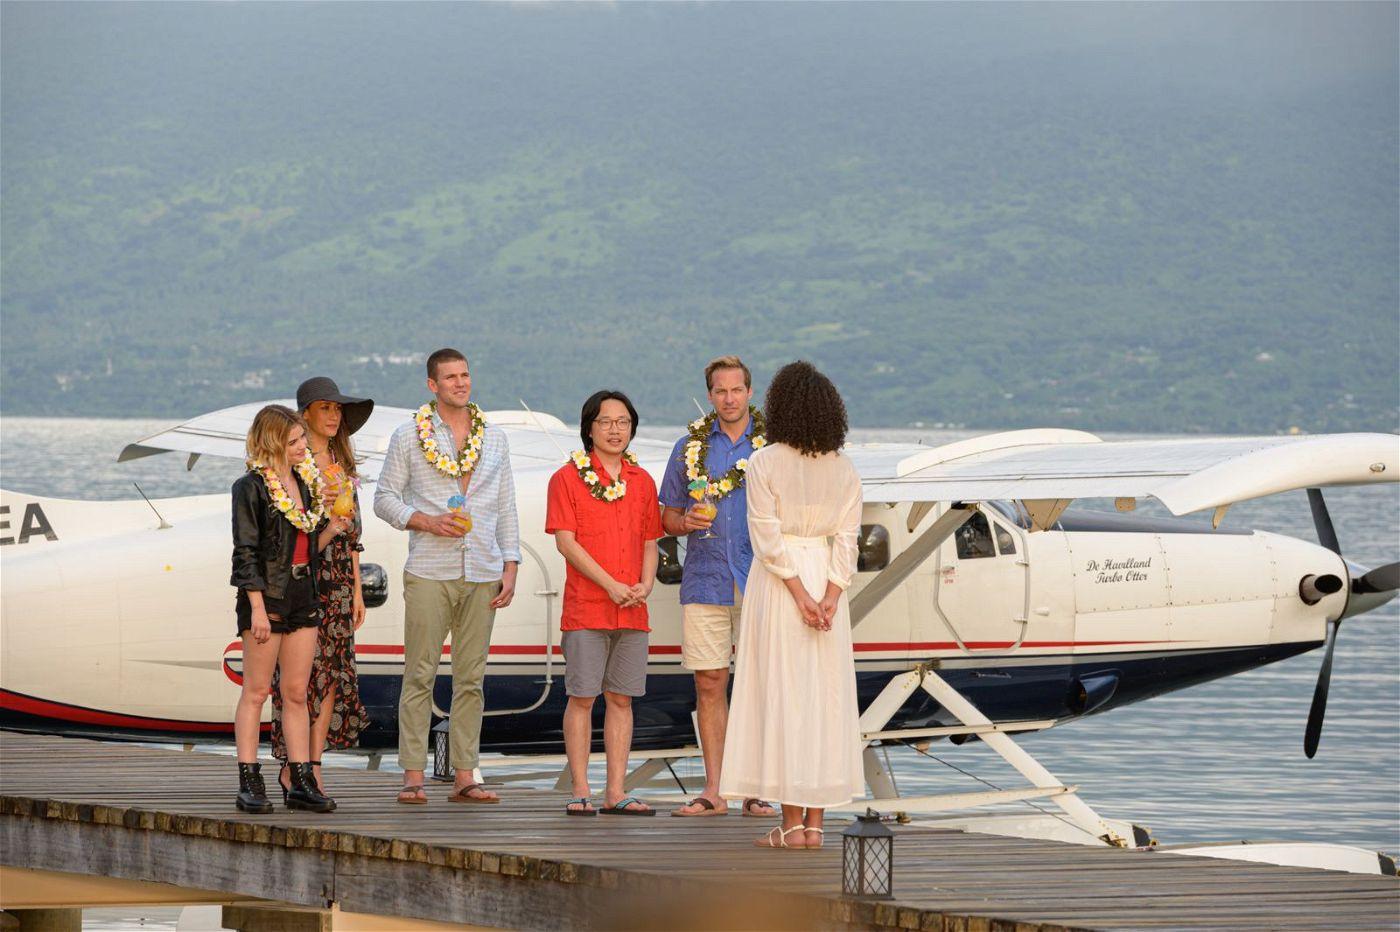 Willkommen im Paradies! Die Reisegruppe erreicht nach einem Flug im Privatjet das abgelegene Resort.